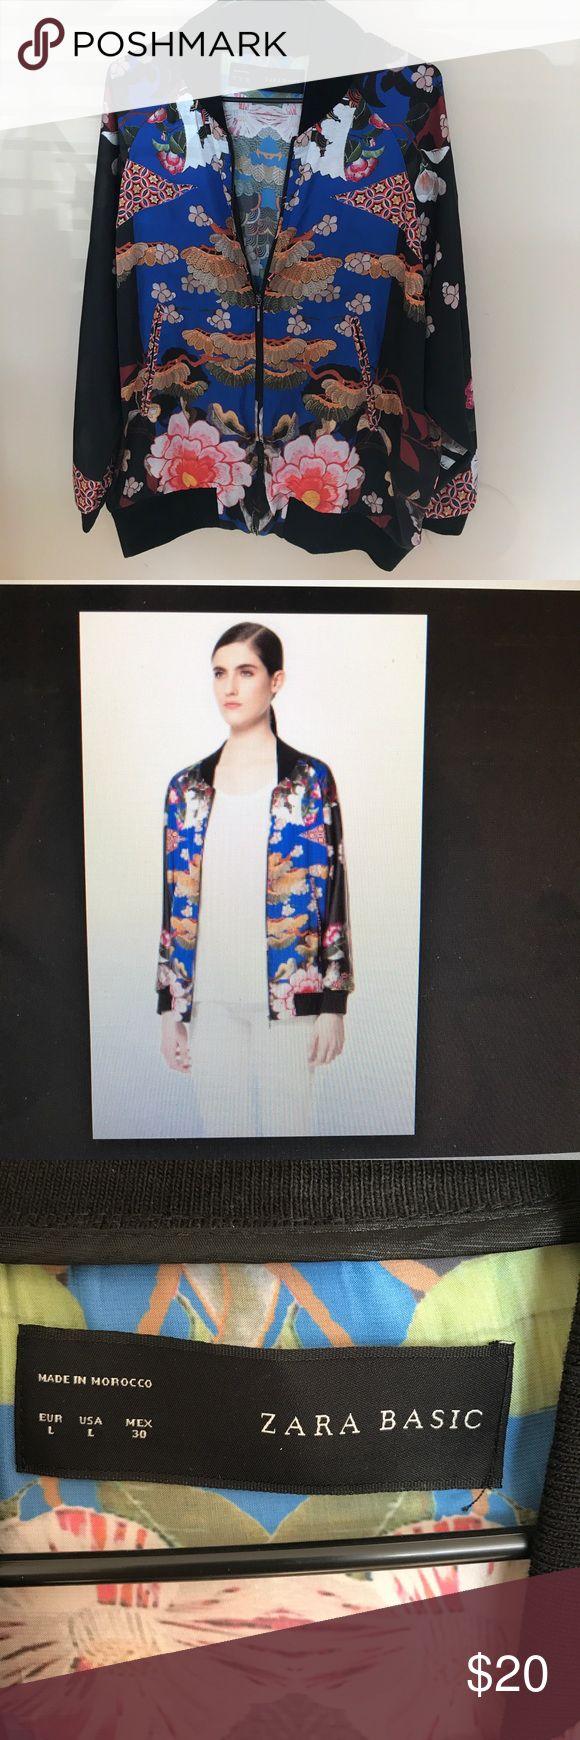 Zara basic bomber jacket Awesome Zara bomber jacket never worn! Size large, super cool print Zara Jackets & Coats